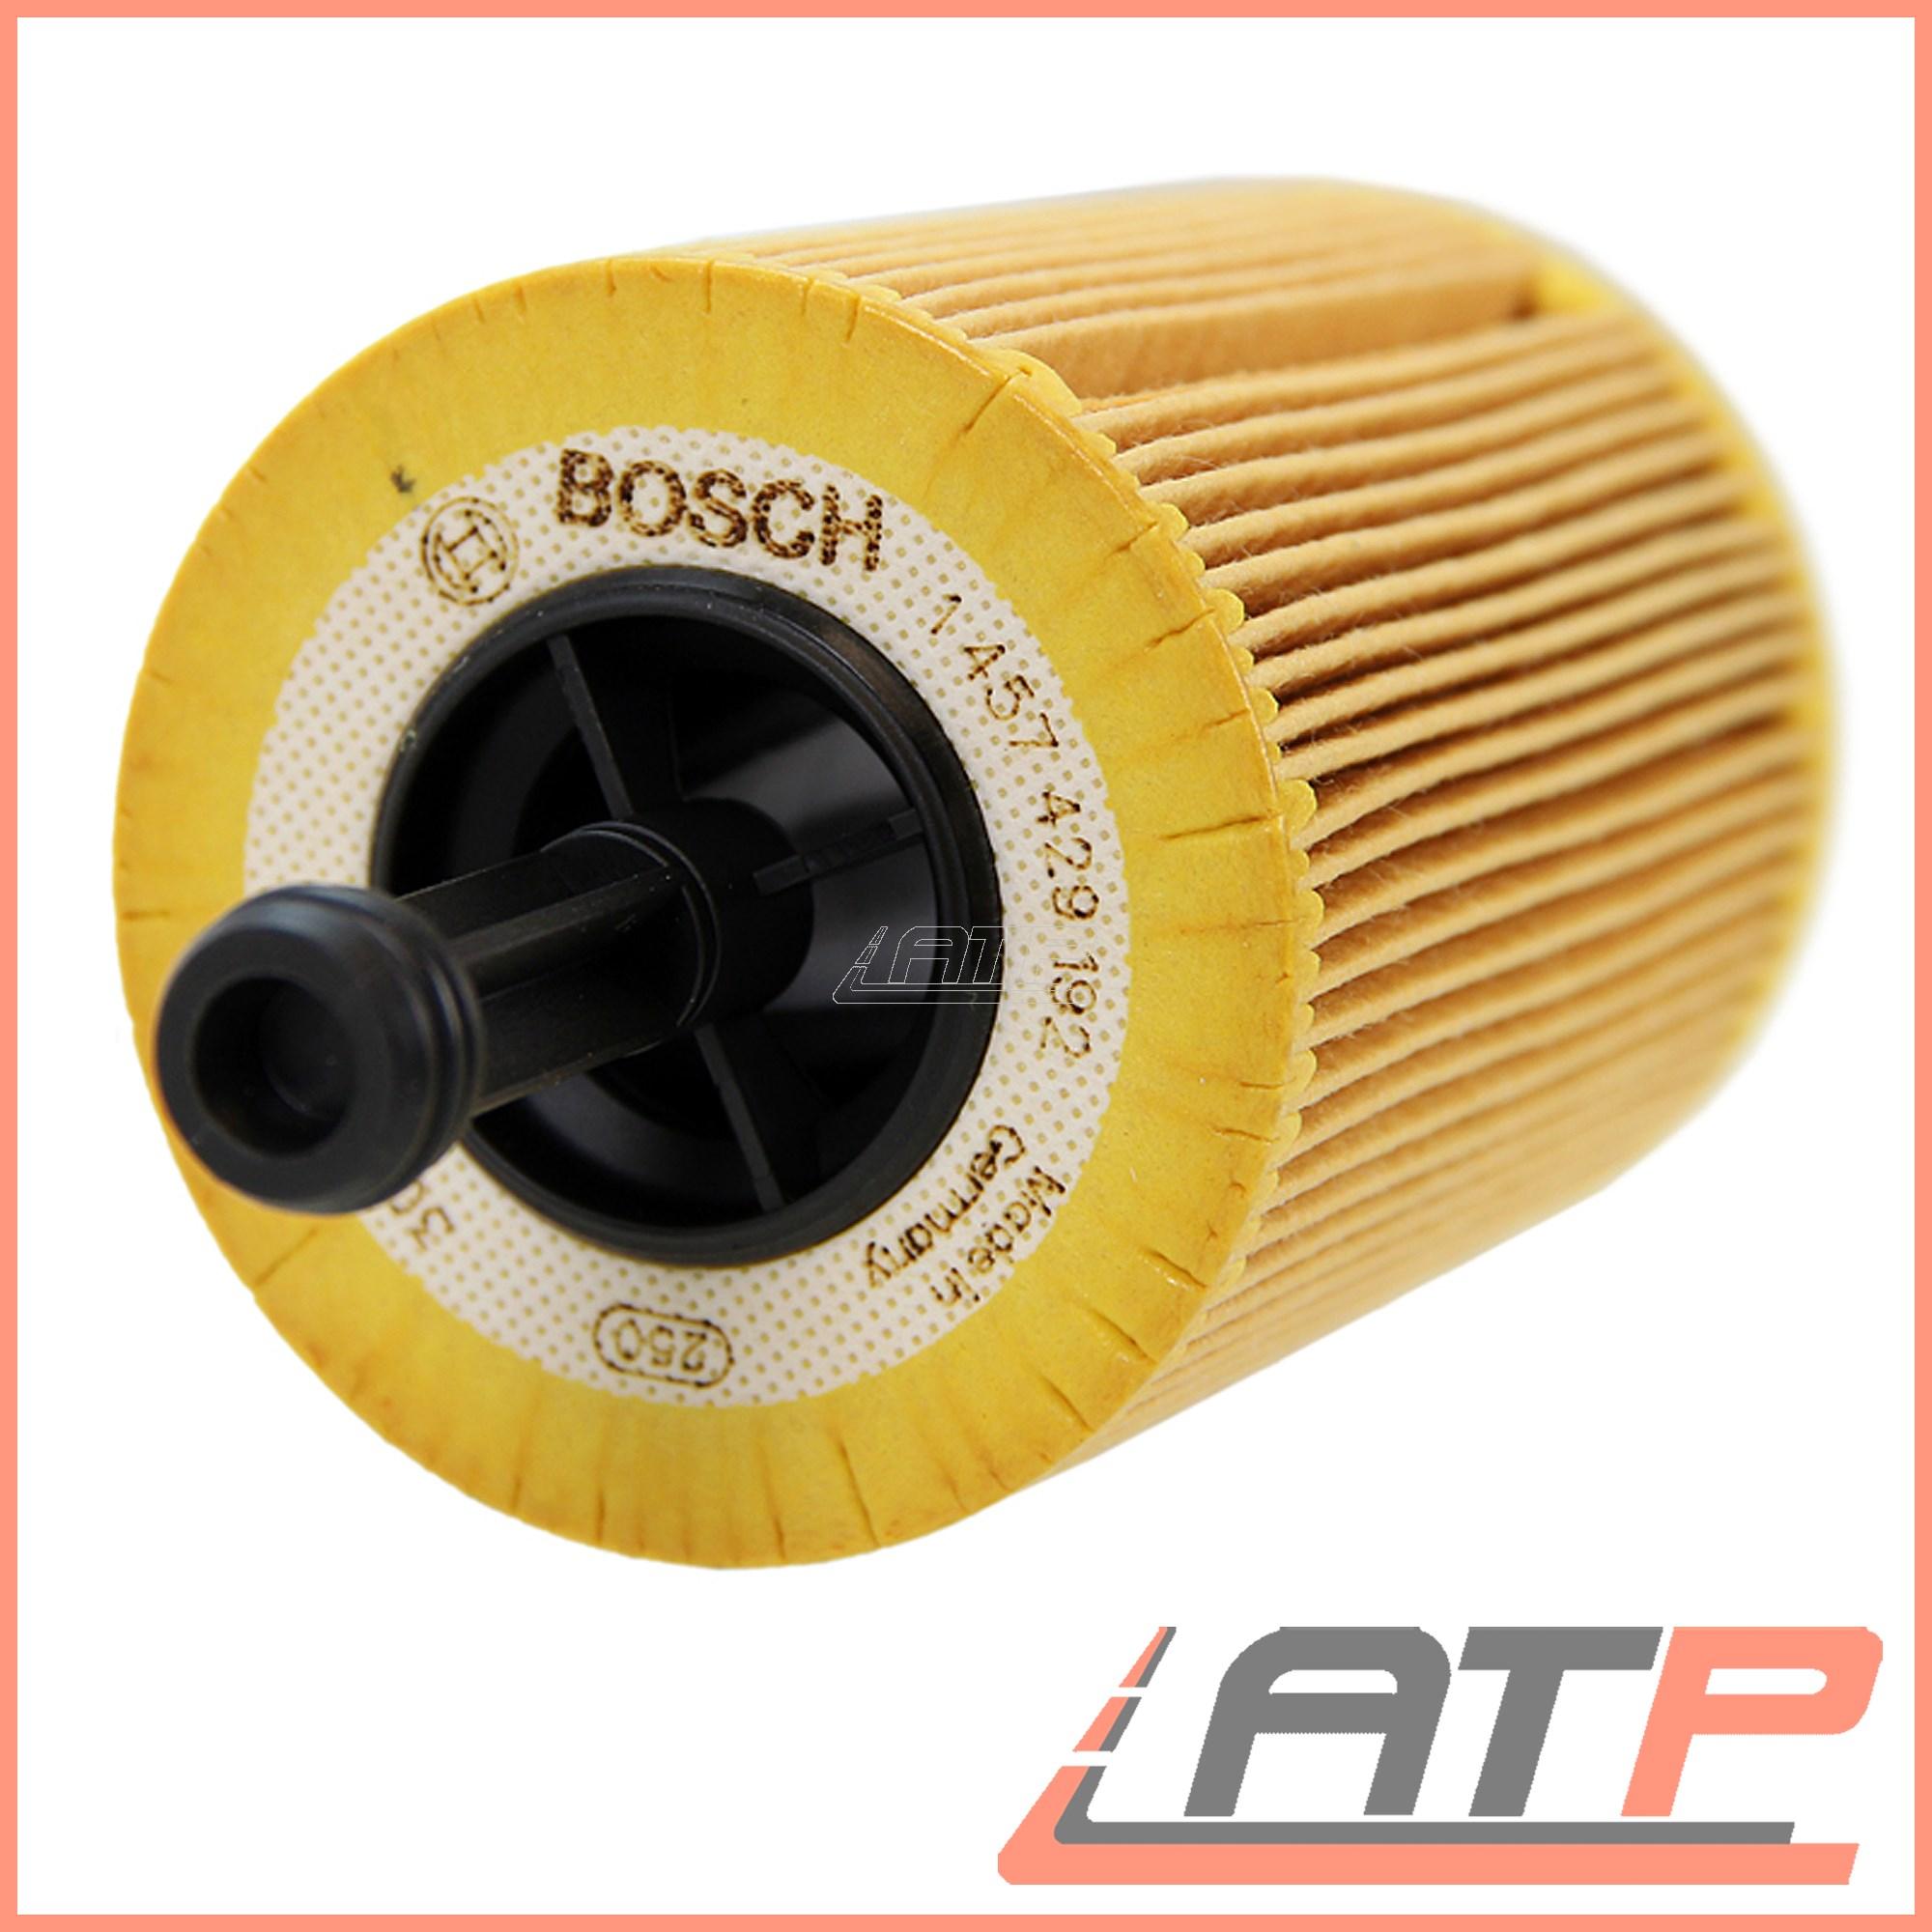 BOSCH-SERVICE-KIT-OIL-AIR-POLLEN-FILTER-AUDI-A3-8P-1-9-2-0-03-13-TT-8J-2-0-08-14 thumbnail 4